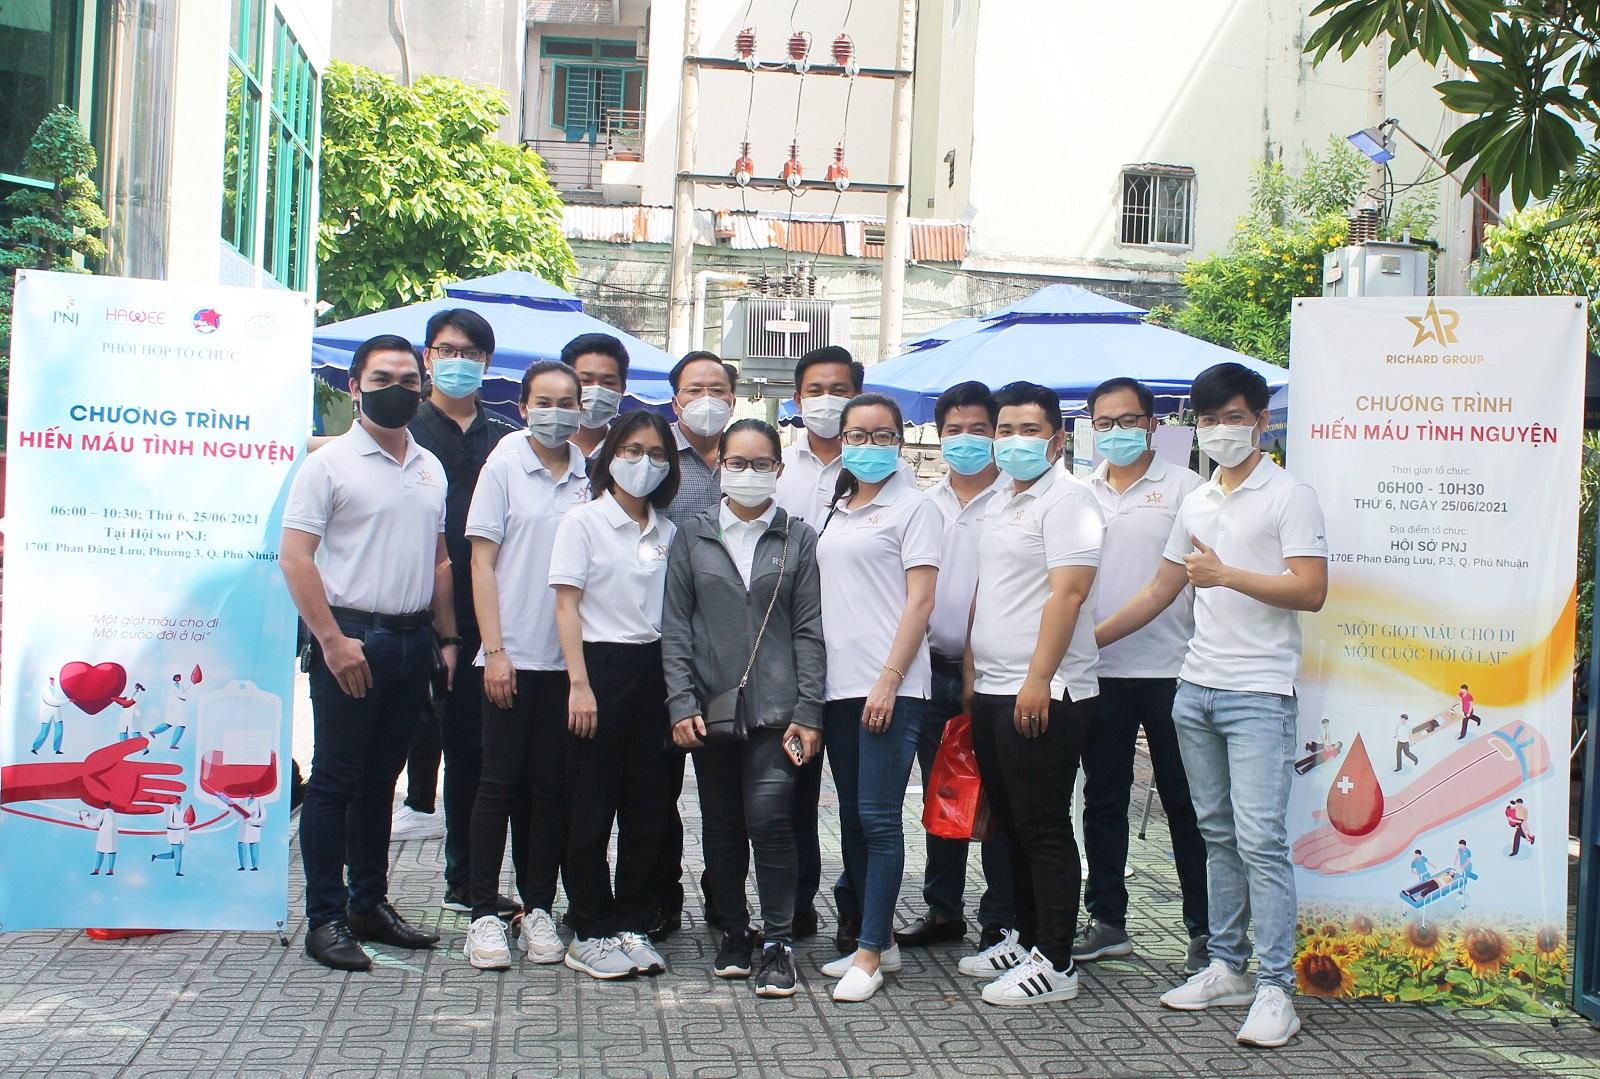 Tập đoàn Richard Group tham gia hiến máu nhân đạo